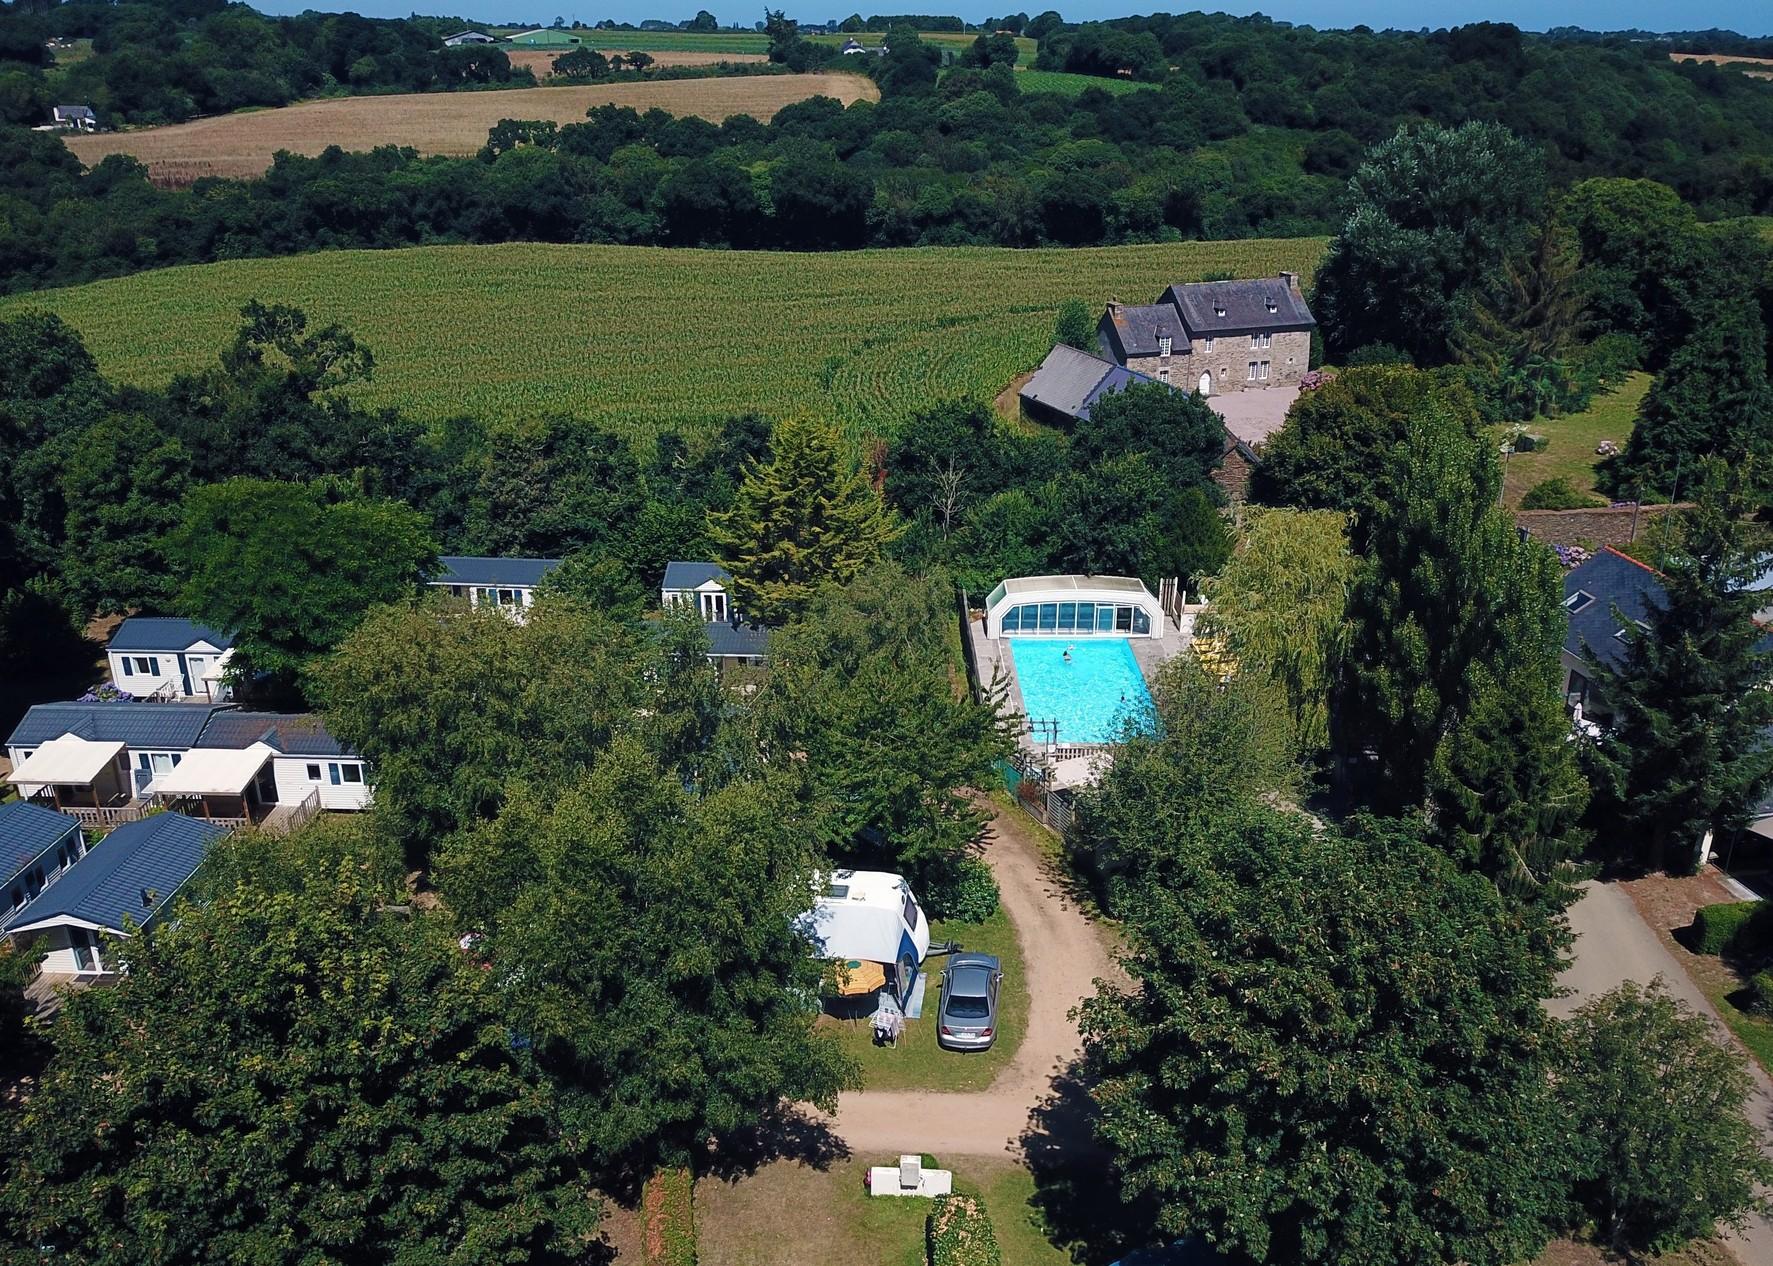 Frankrijk-Lanloup-Camping%20Le%20Neptune-ExtraLarge Campings Frankrijk